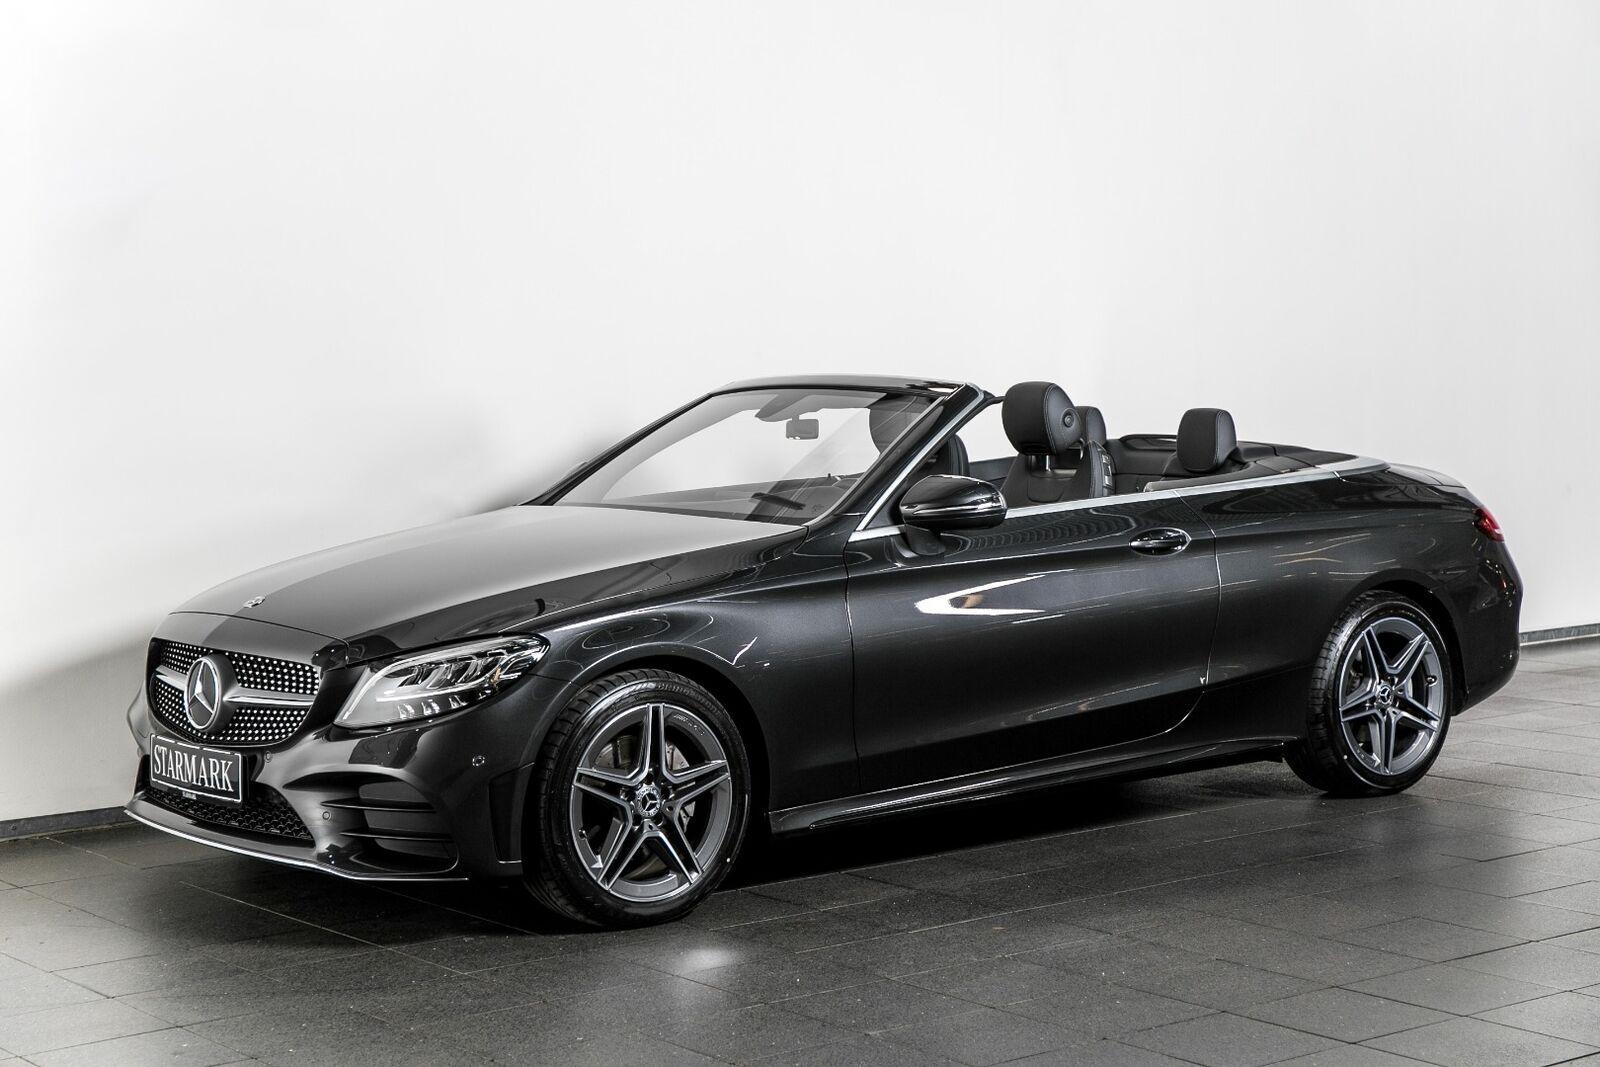 Mercedes C200 1,5 AMG Line Cabriolet aut. 2d - 664.900 kr.